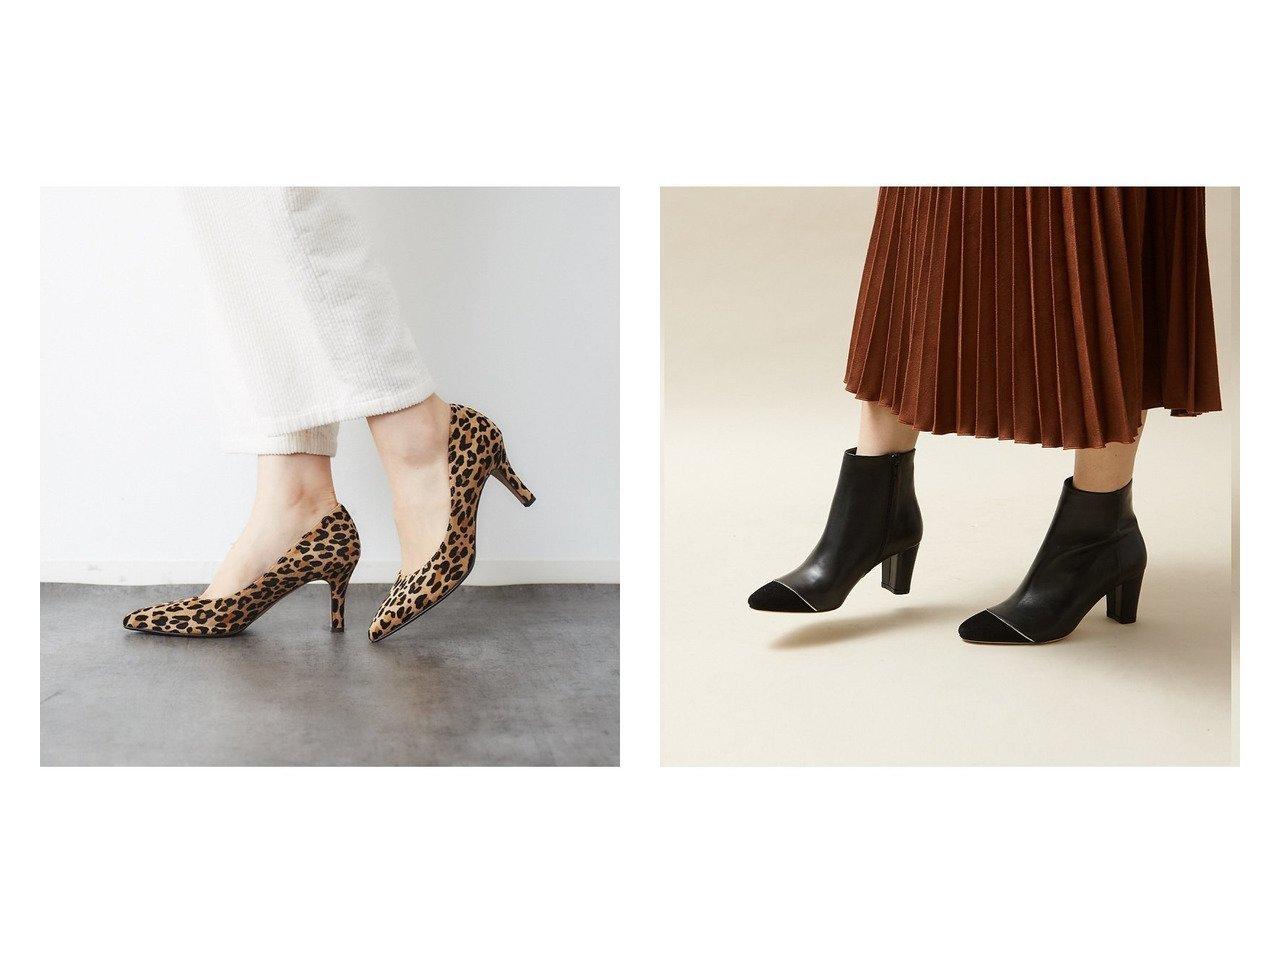 【Au BANNISTER/オゥ バニスター】のトゥキャップショートブーツ&Saffree ハイヒールパンプス シューズ・靴のおすすめ!人気、トレンド・レディースファッションの通販  おすすめで人気の流行・トレンド、ファッションの通販商品 メンズファッション・キッズファッション・インテリア・家具・レディースファッション・服の通販 founy(ファニー) https://founy.com/ ファッション Fashion レディースファッション WOMEN A/W 秋冬 AW Autumn/Winter / FW Fall-Winter インソール シューズ ダウン デニム ハイヒール 人気 ショート スタッズ |ID:crp329100000019271